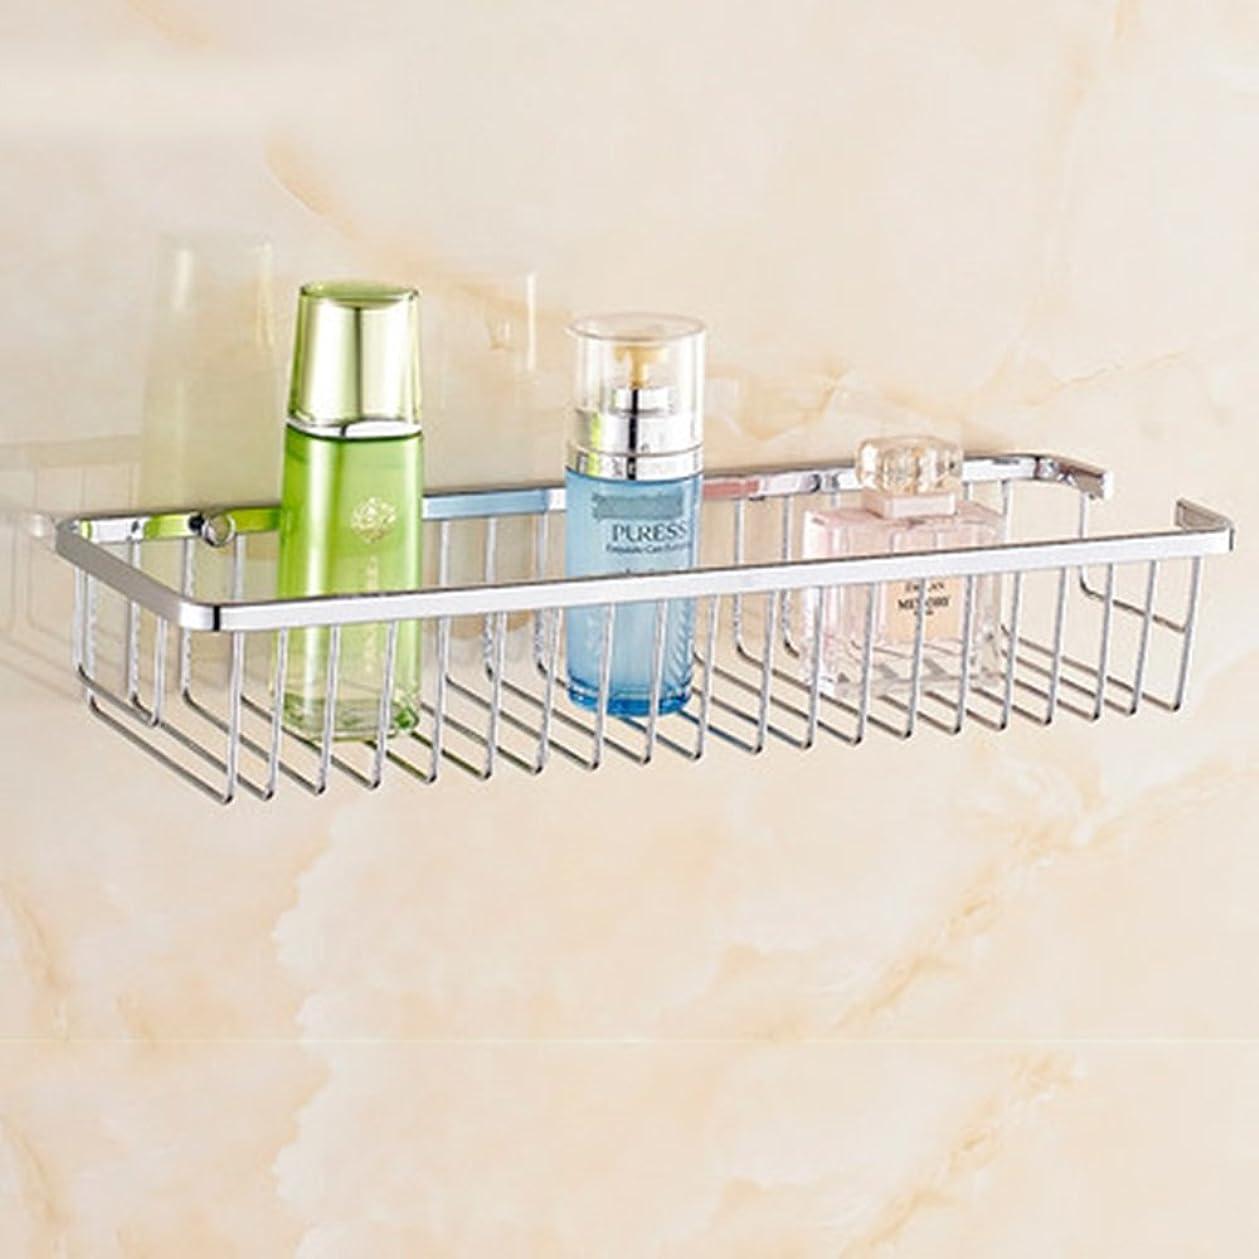 レンジおびえた実験的ZZLX 304ステンレススチールバスルームラックバスルーム棚シングルレイヤーダブルレイヤー四角形バスケット(オプションのサイズ)(オプションのレイヤー) ロングハンドル風呂ブラシ (色 : A, サイズ さいず : 30cm)